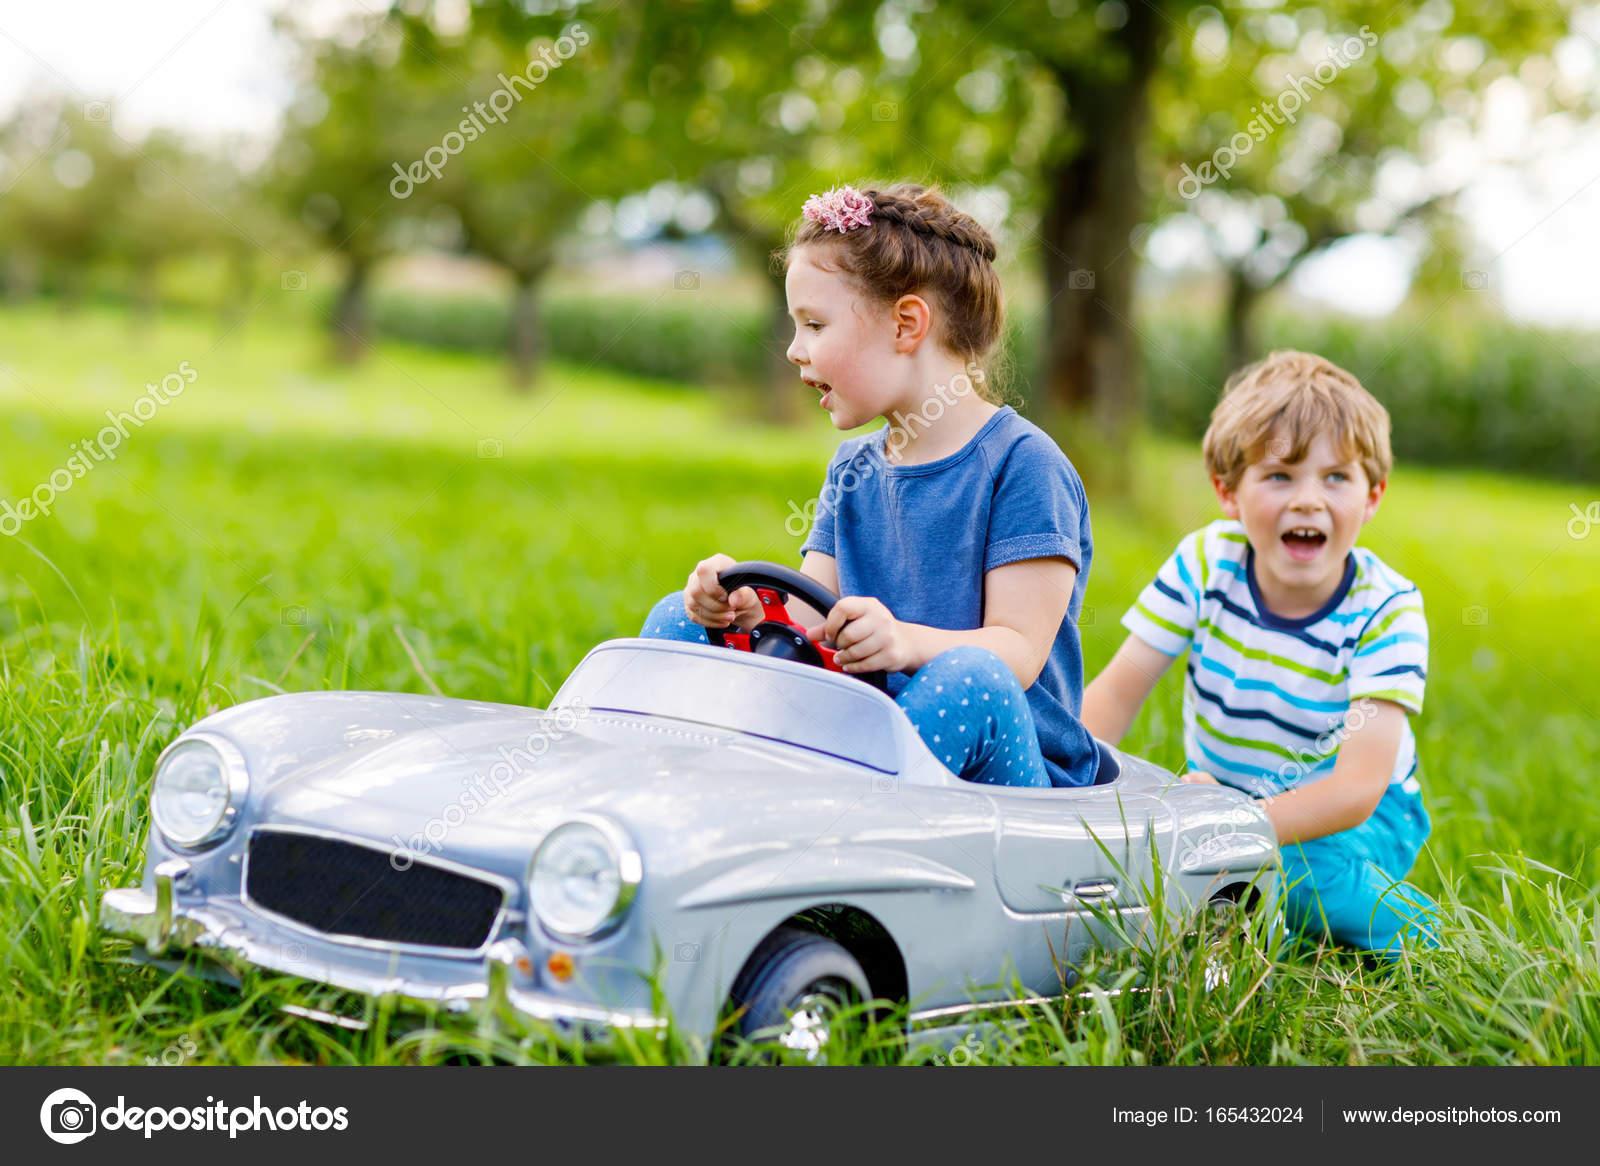 Y Gran Felices El JardinDos Niños Niñas Niña Juega En N0nw8vmO